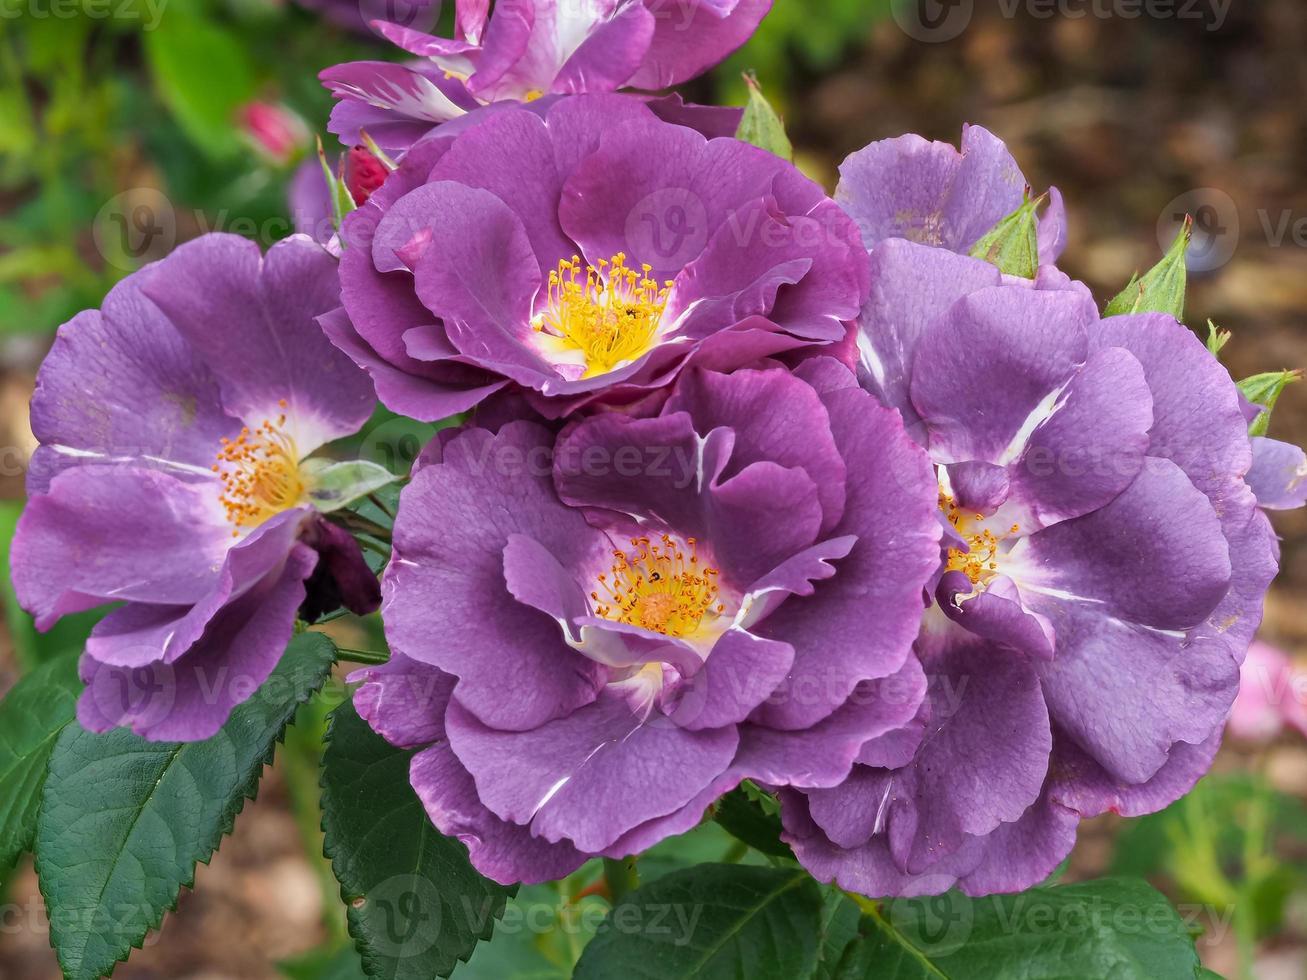 paarse pioenroos bloemen foto